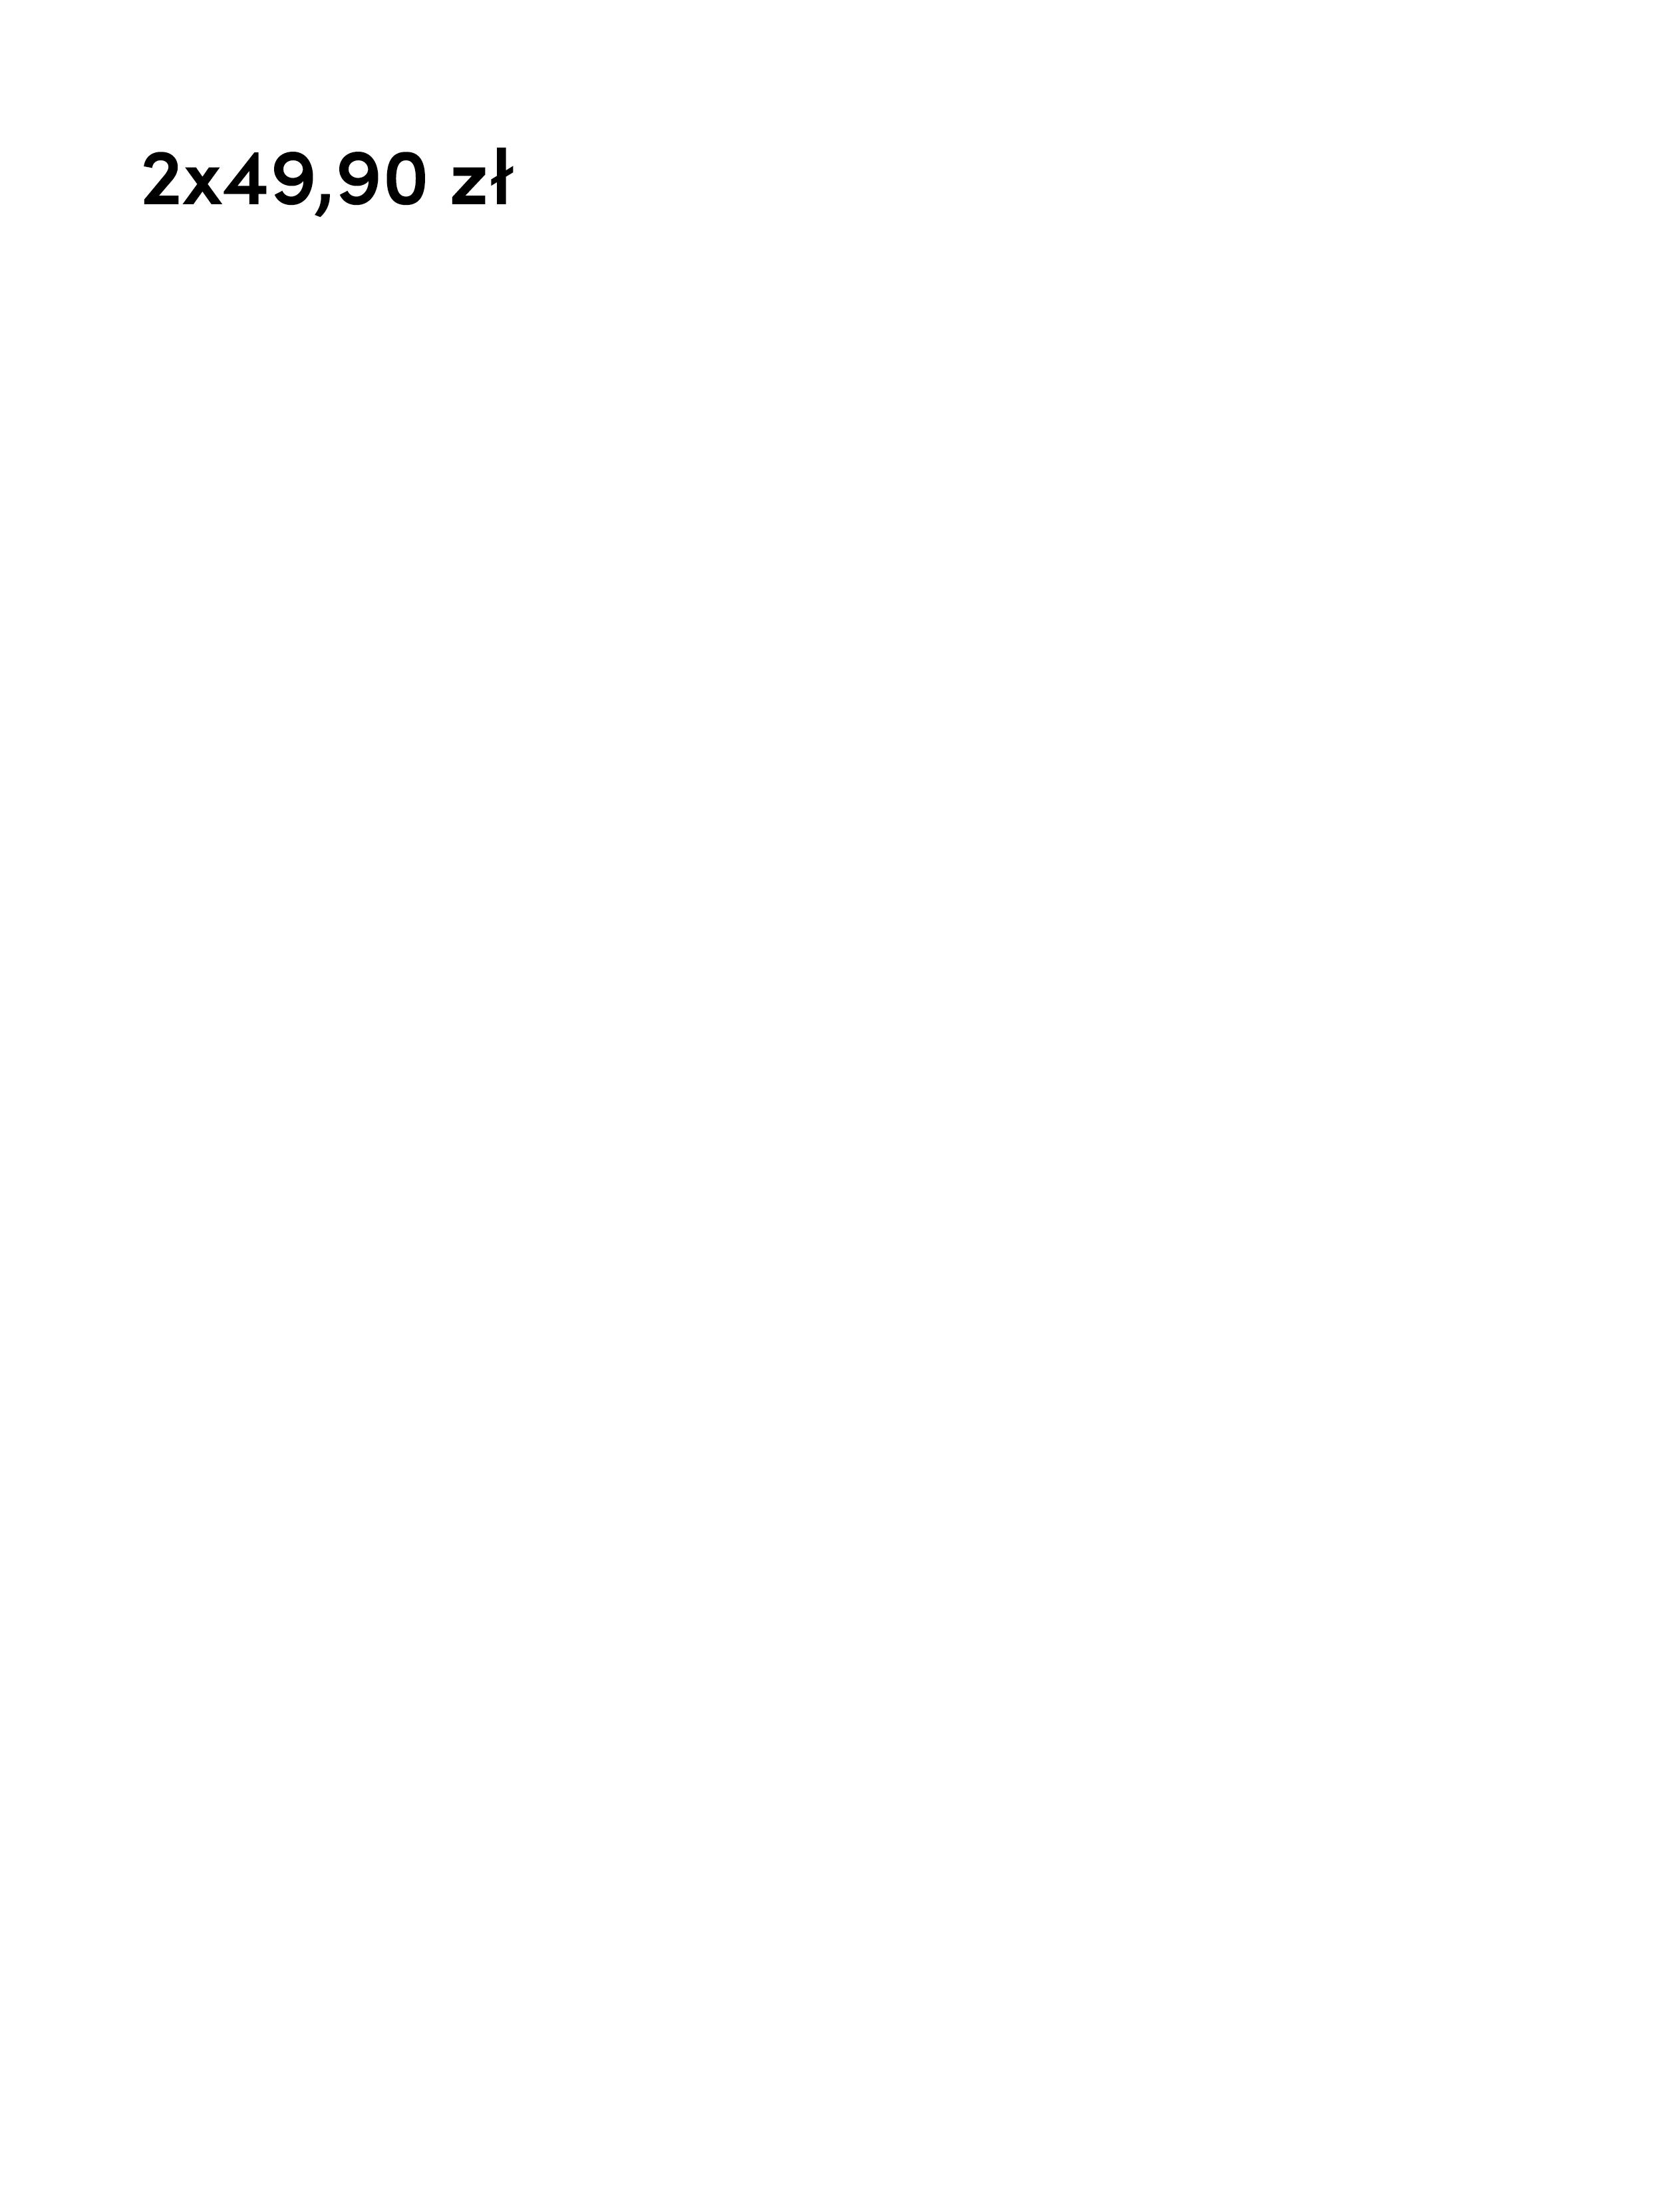 PL_2x49,90